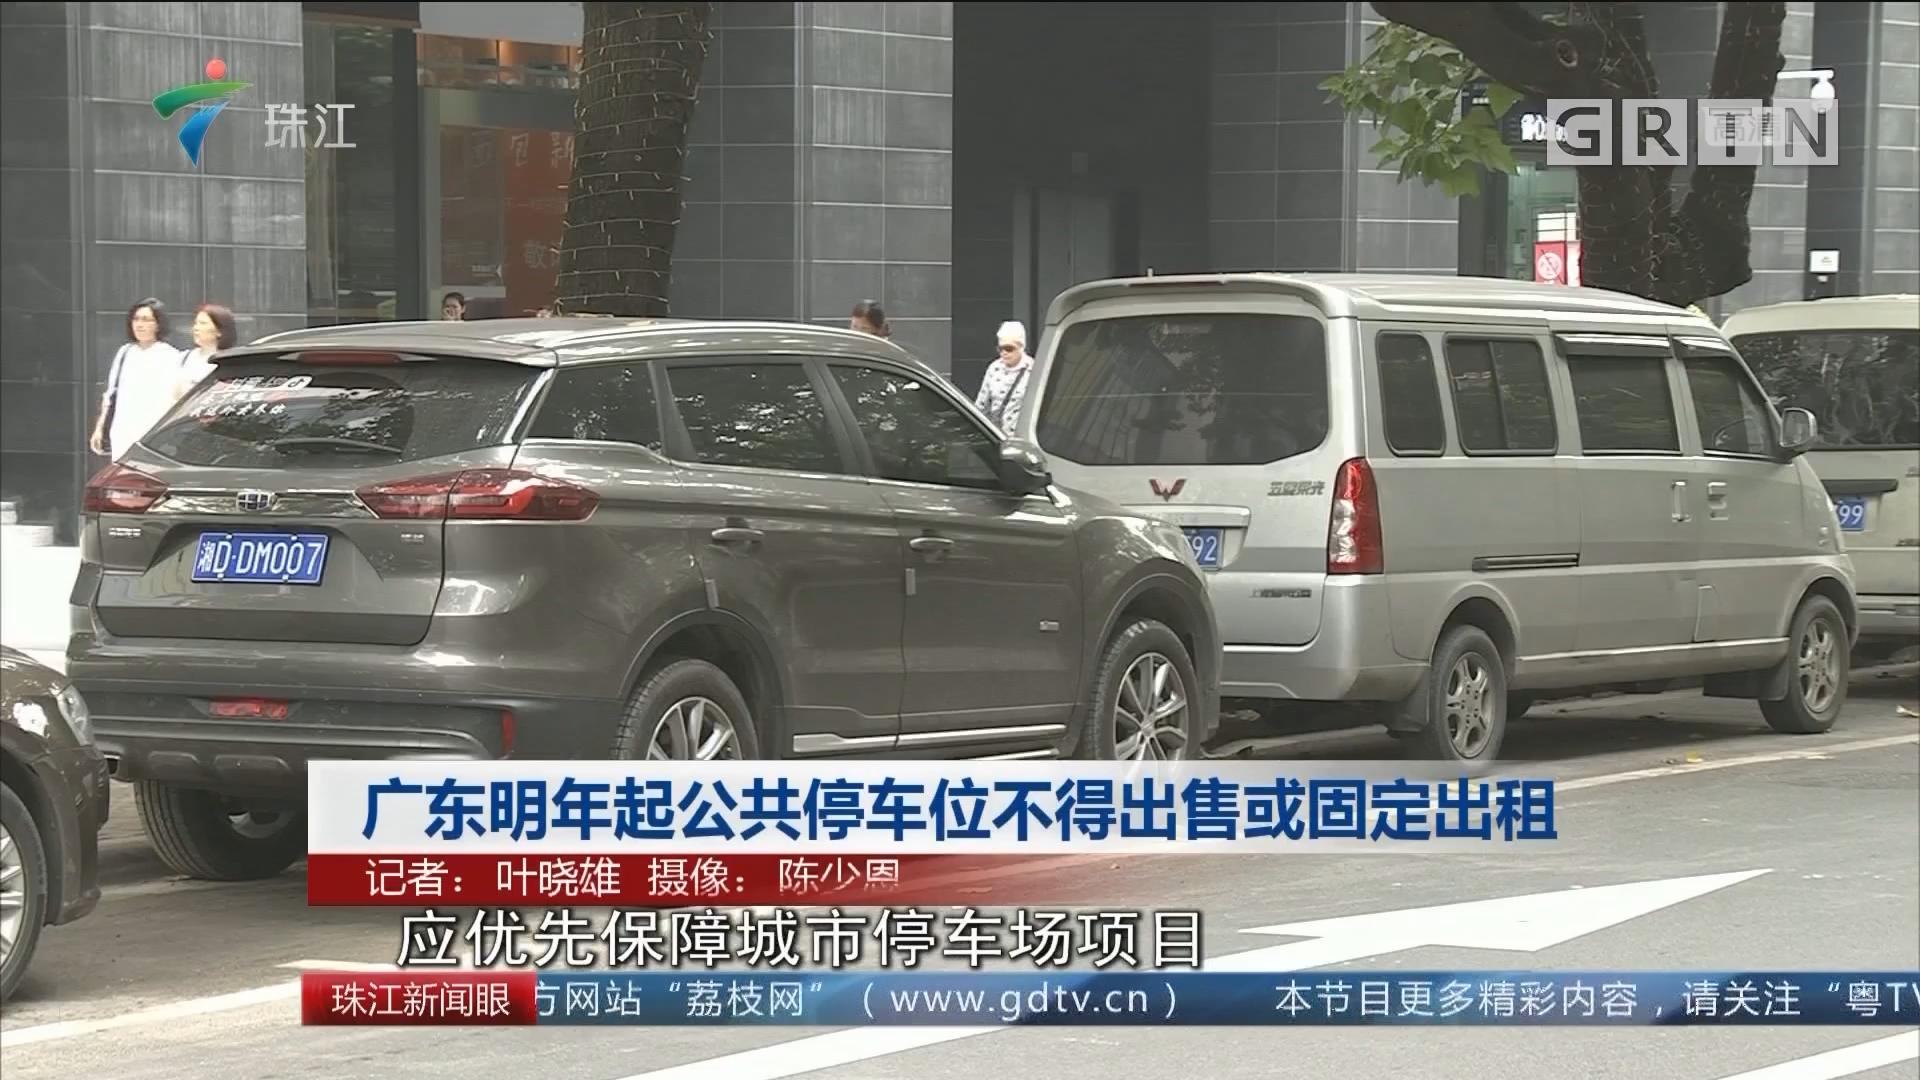 廣東明年起公共停車位不得出售或固定出租